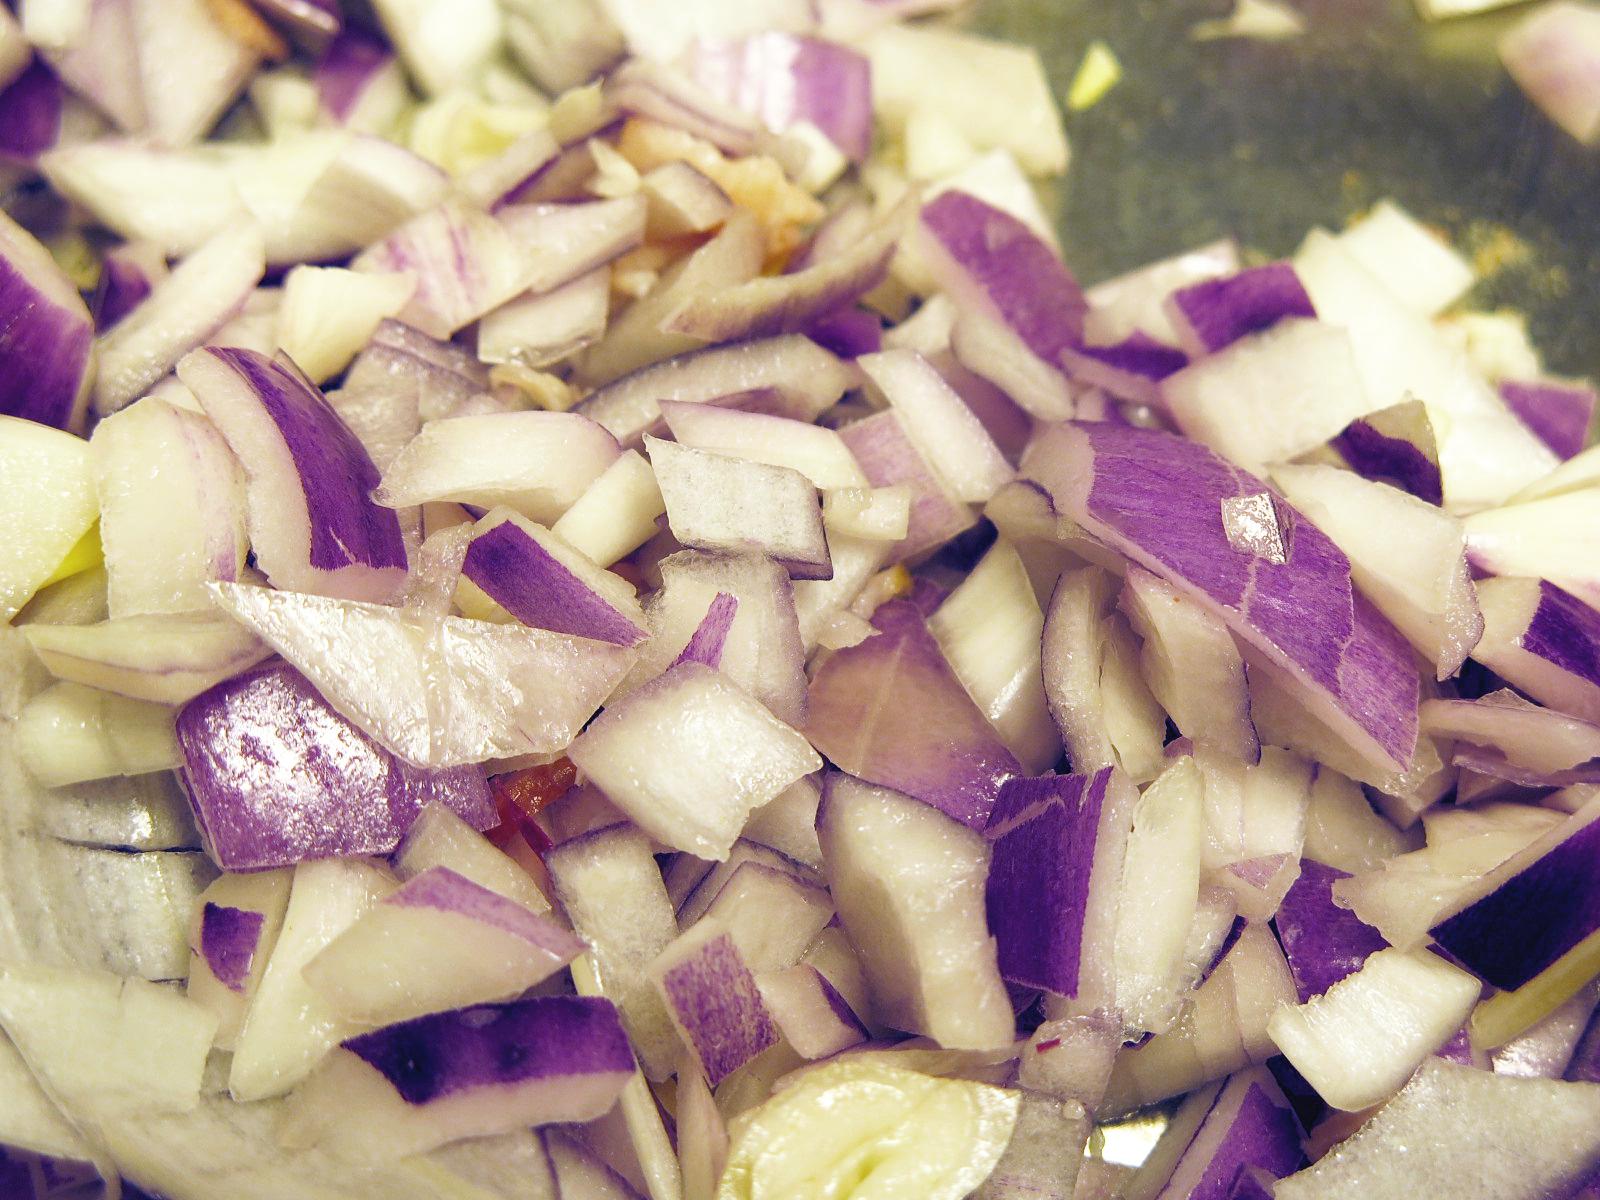 IMG_2410_edit_onions chopped.jpg